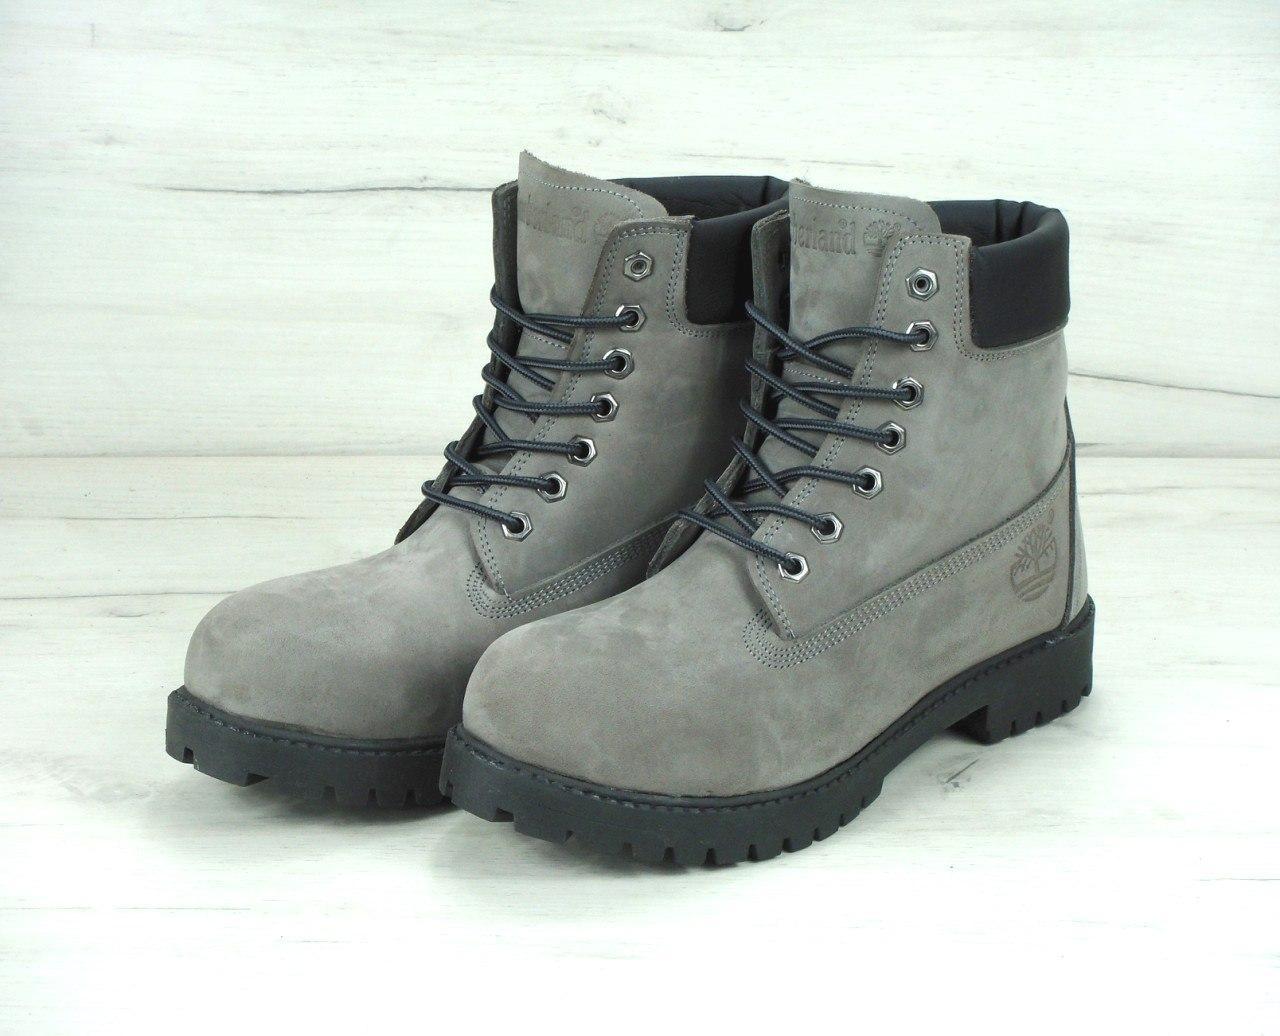 Зимние ботинки Timberland Grey, мужские ботинки с искусственным мехом. ТОП Реплика ААА класса.